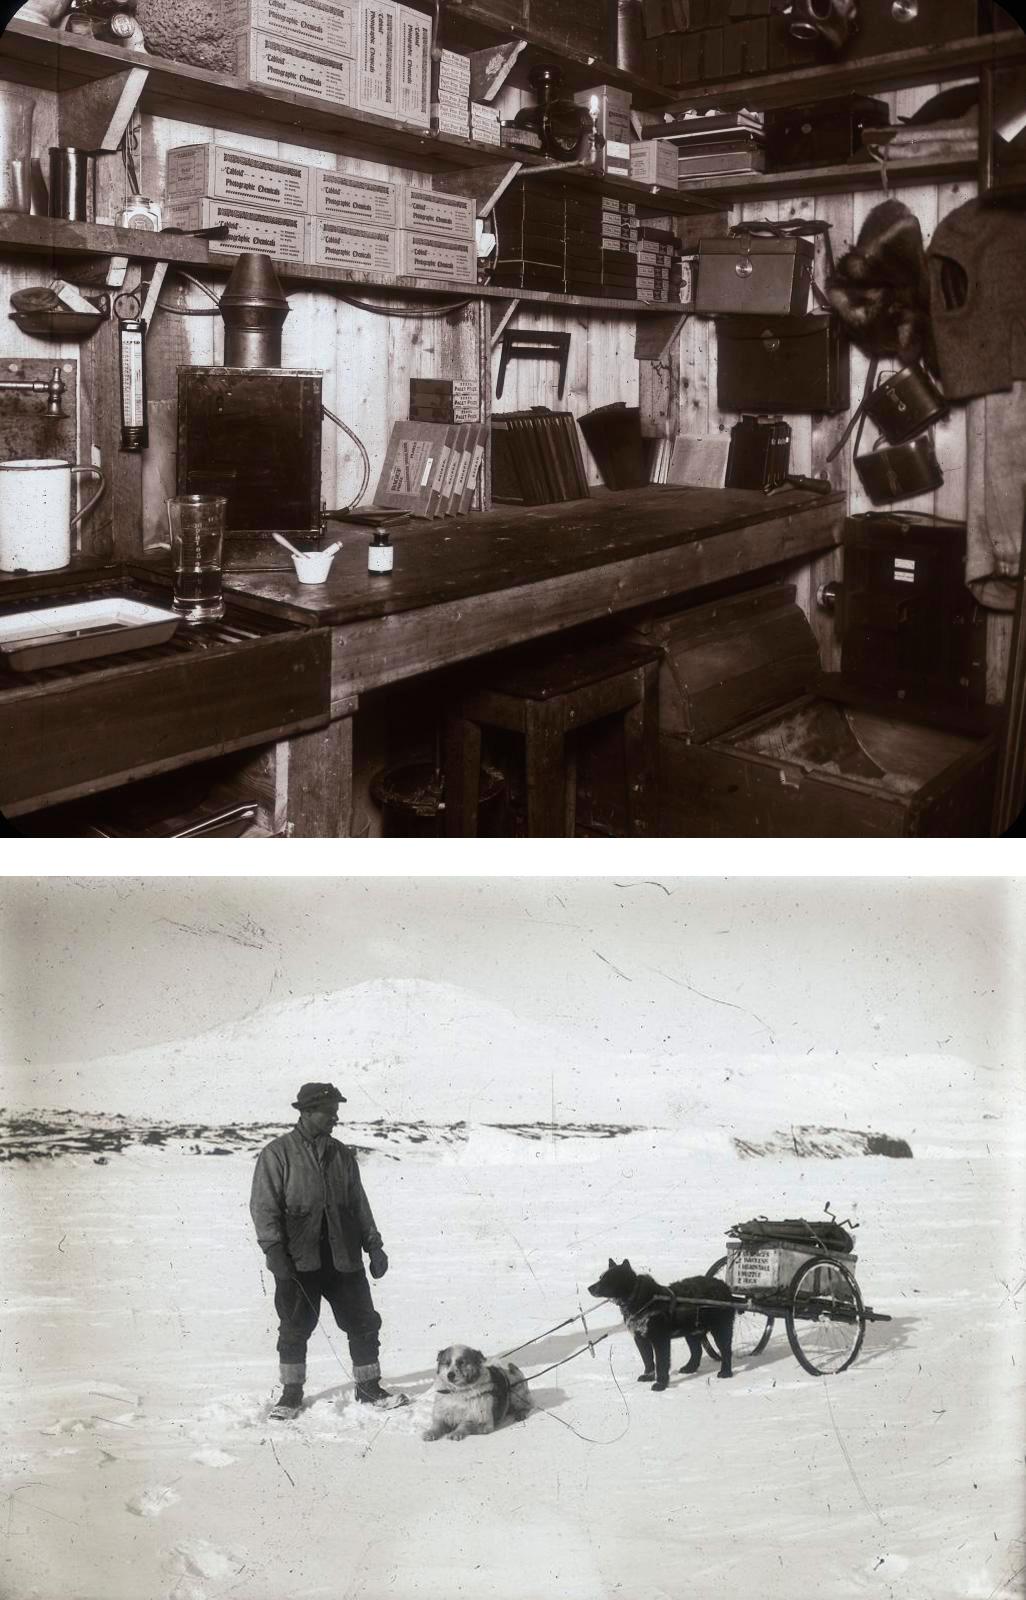 British Antarctic Expedition, 1910-13